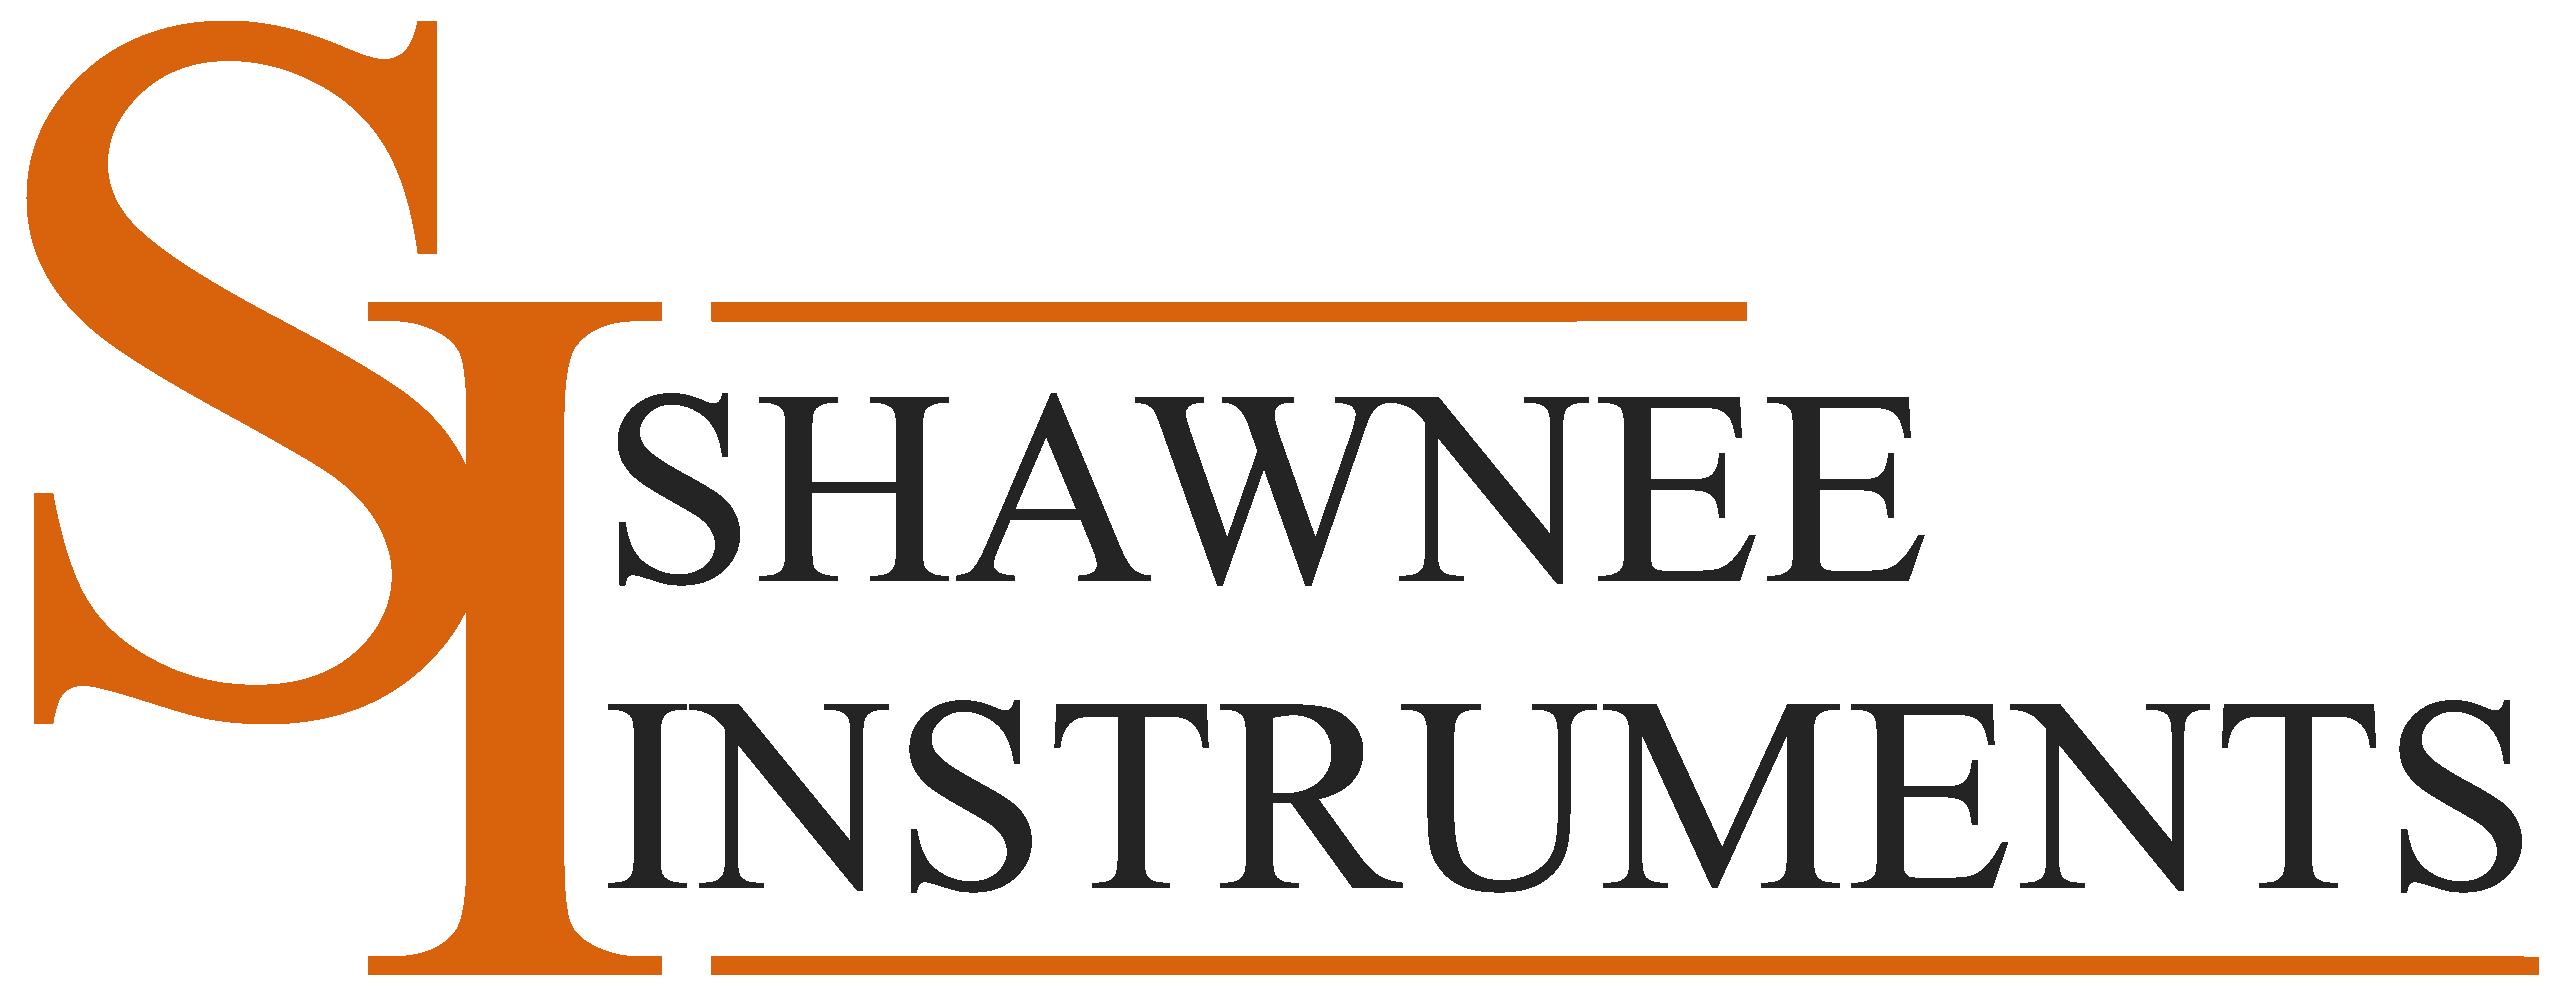 Shawnee Instruments